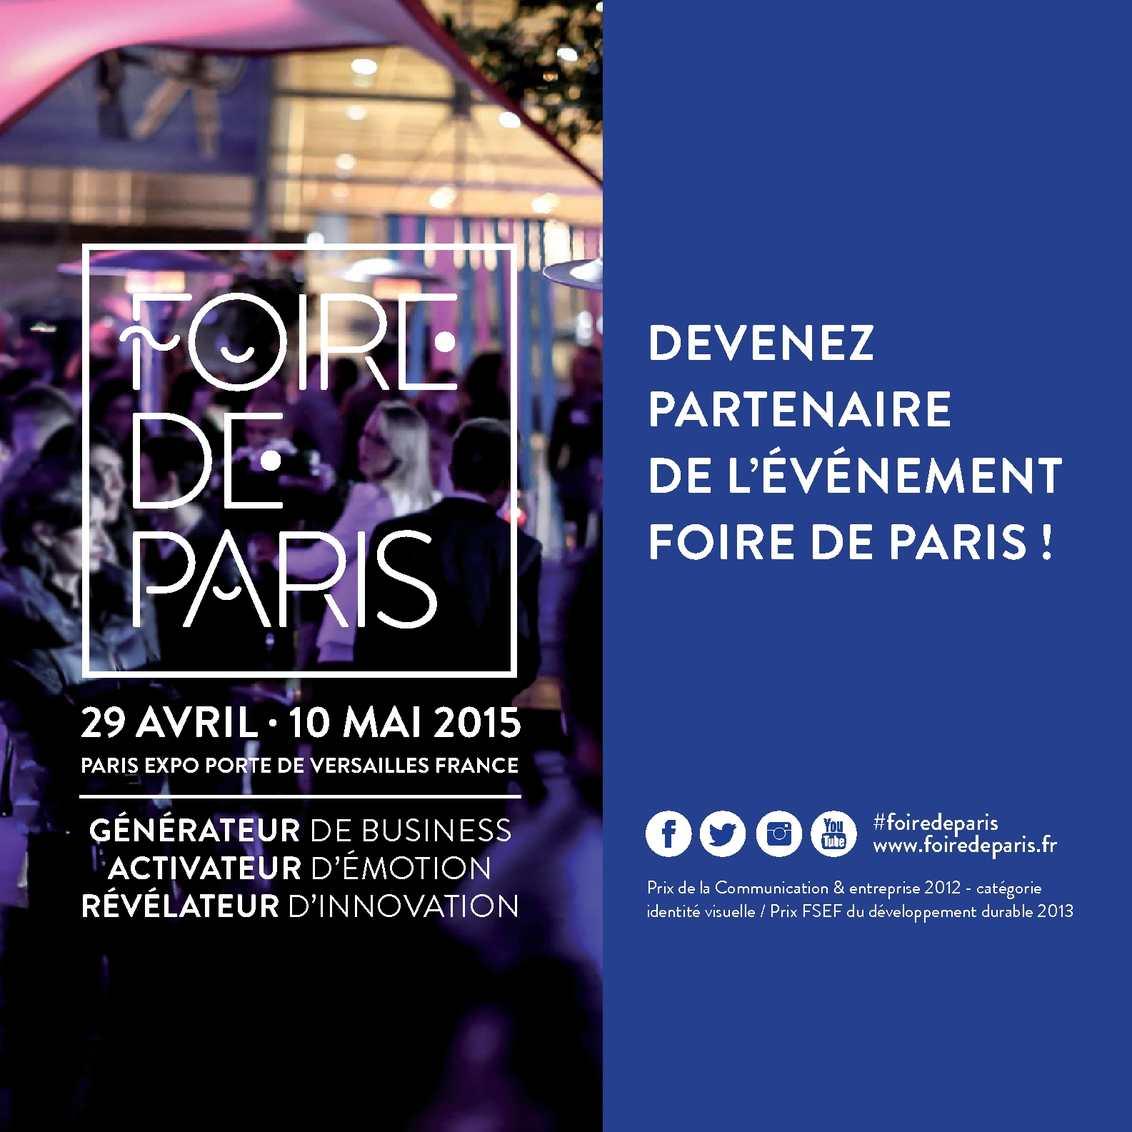 Calam o foire de paris 2015 fr - Table a repasser foire de paris ...